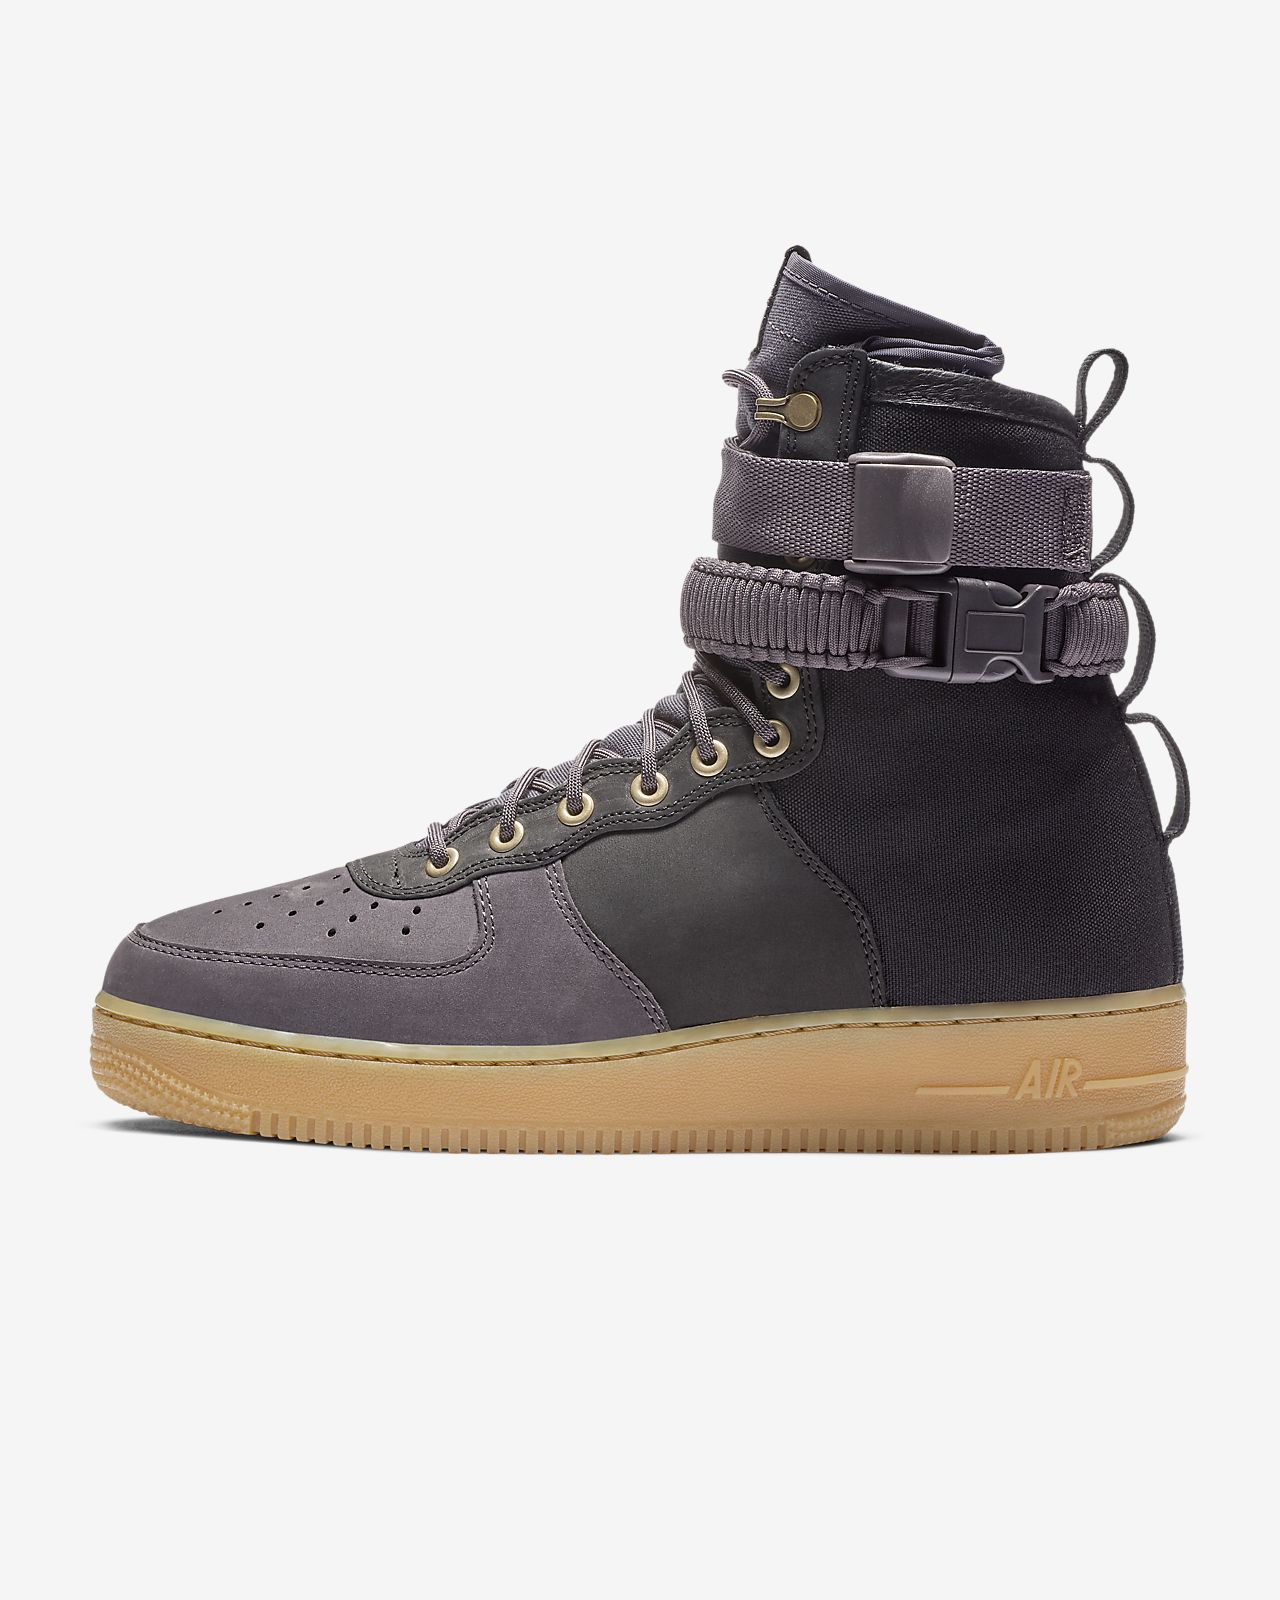 Sko Nike SF Air Force 1 Premium för män